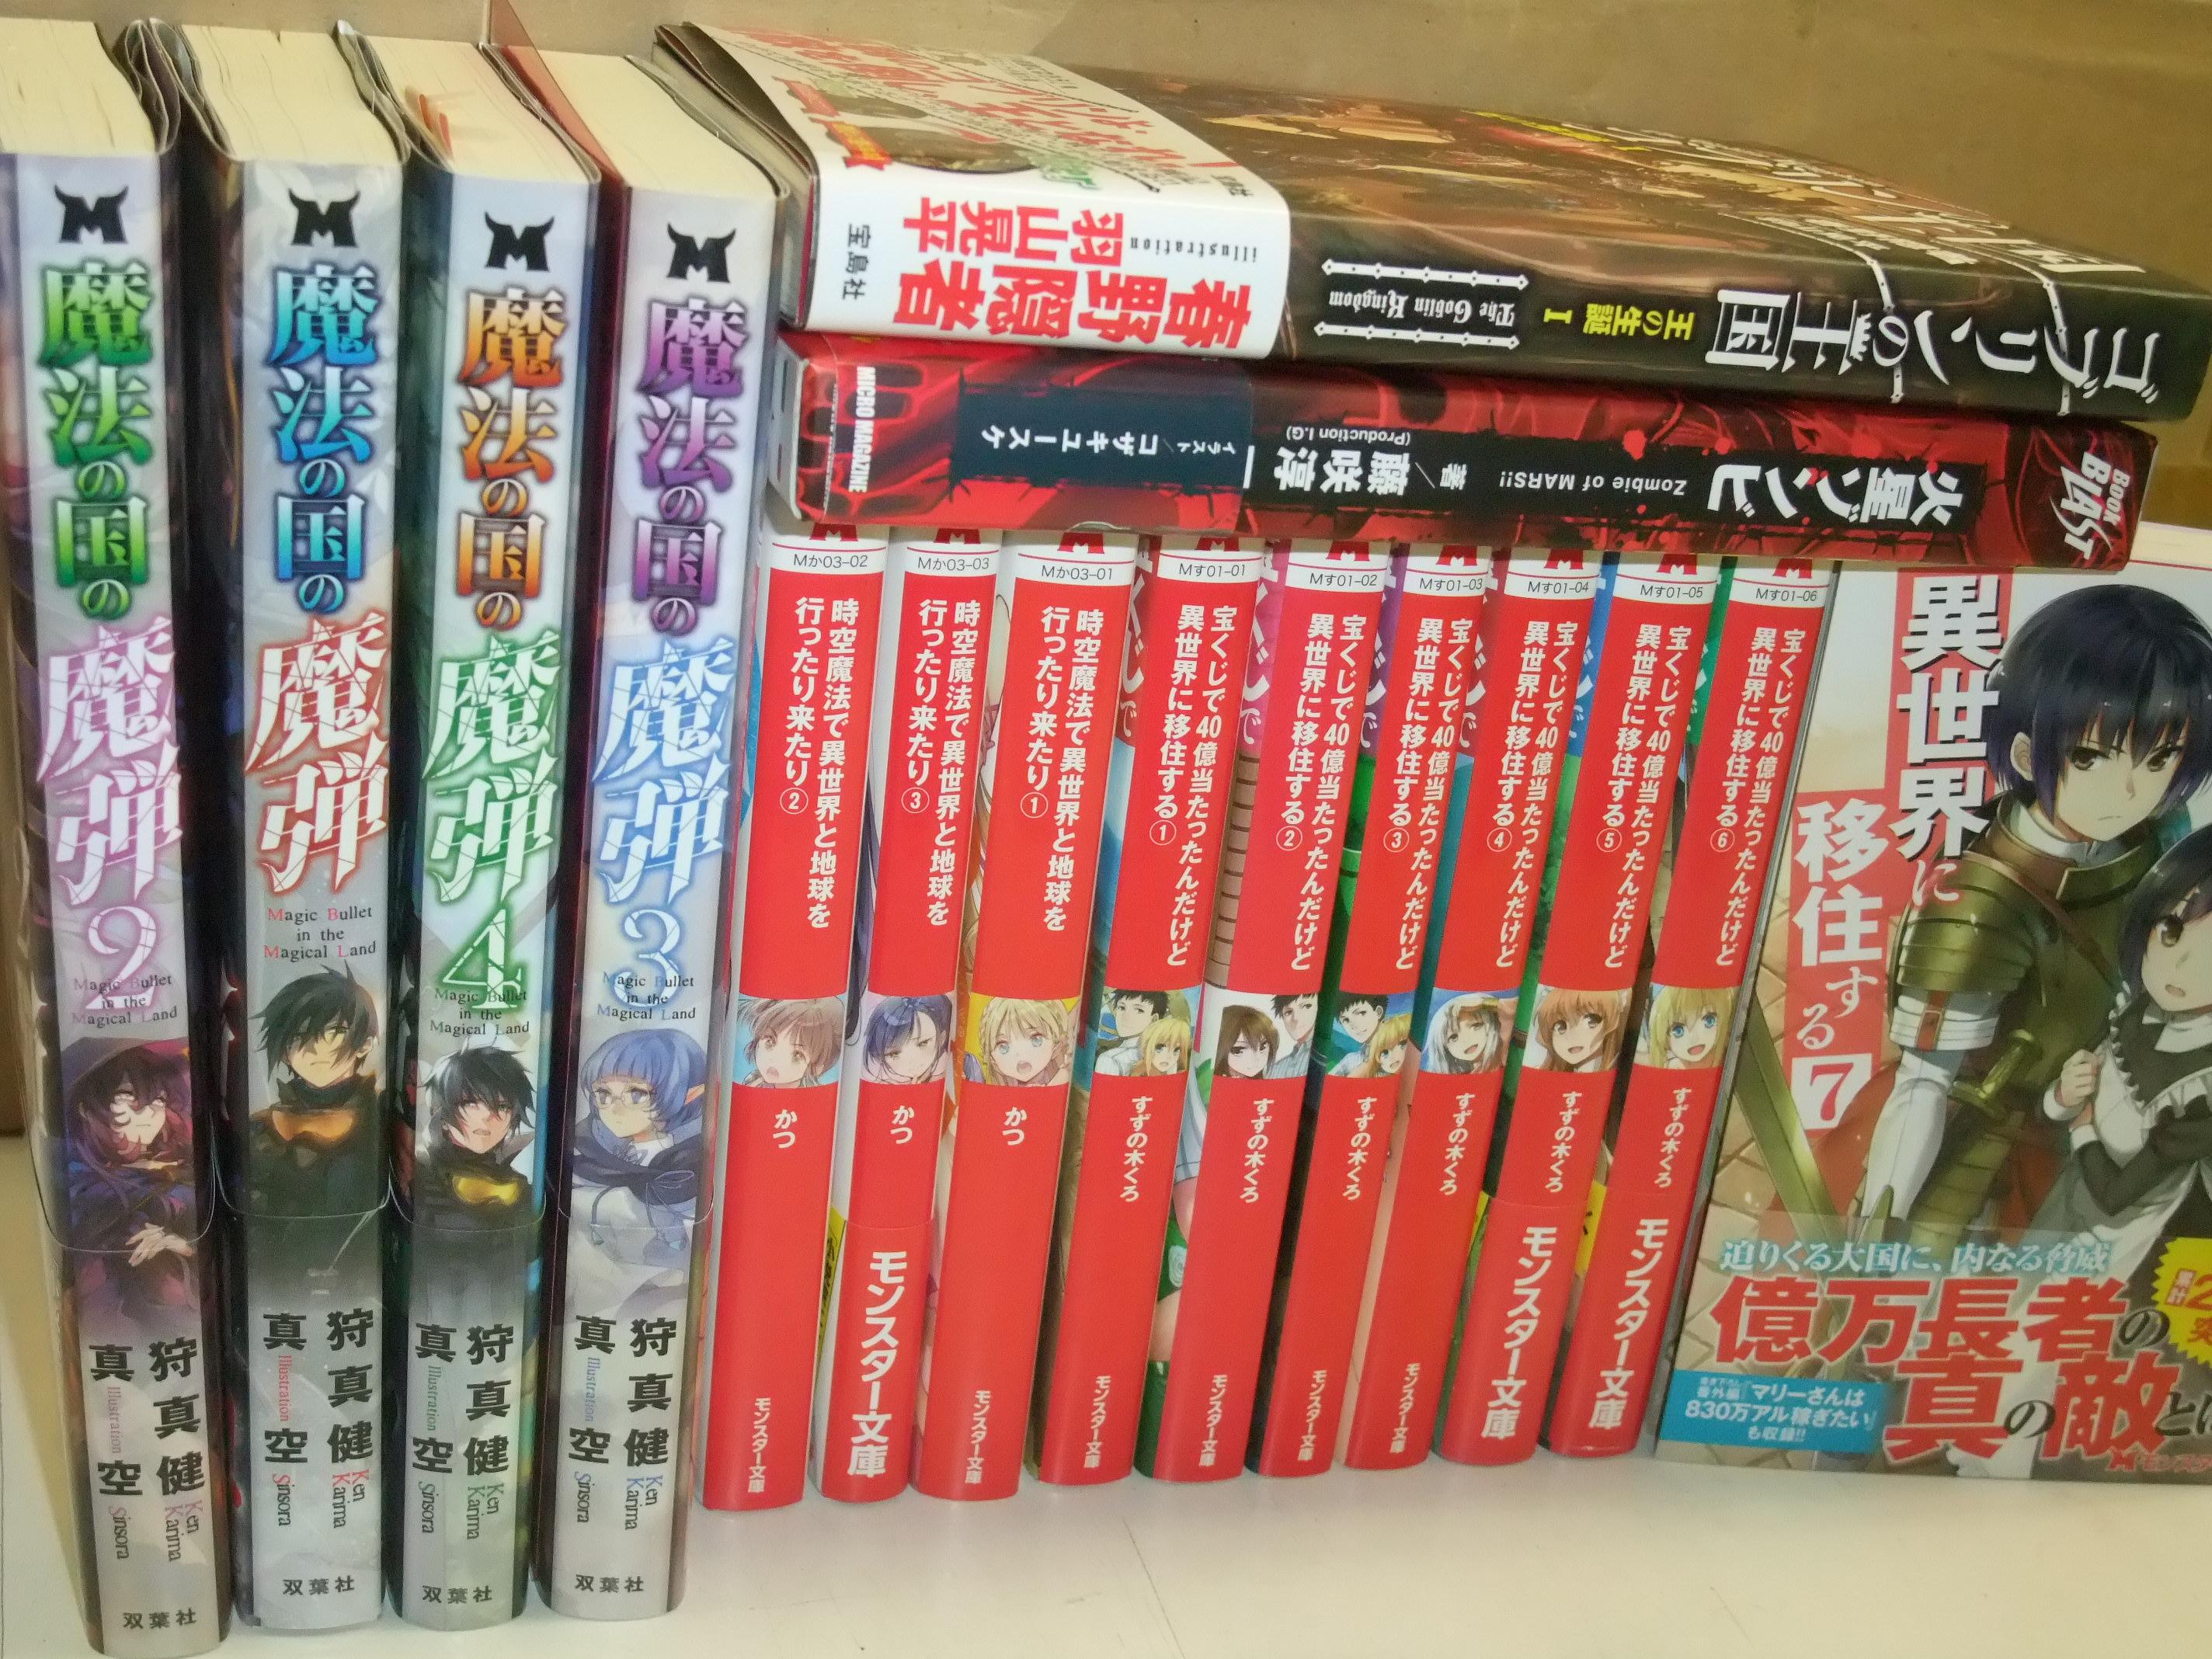 掛川市 ノベルズ 「宝くじで40億当たったんだけど異世界に移住する」DVD「未来ロボ ダルタニアス」